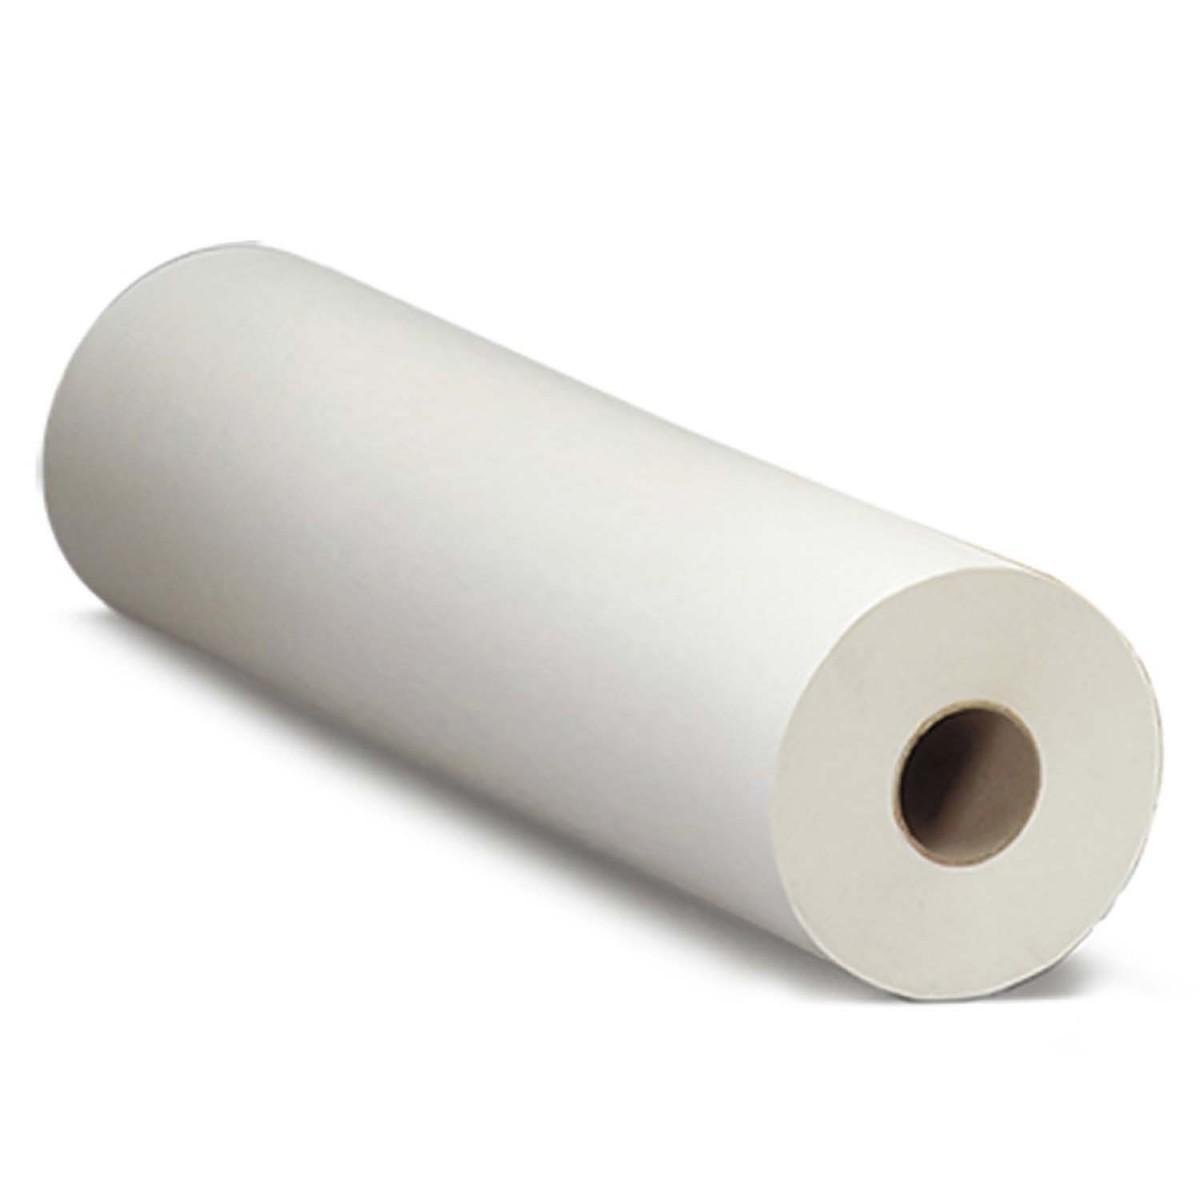 Lejepapir, 1-lags natur/genbrug 195m x 50 cm.-31